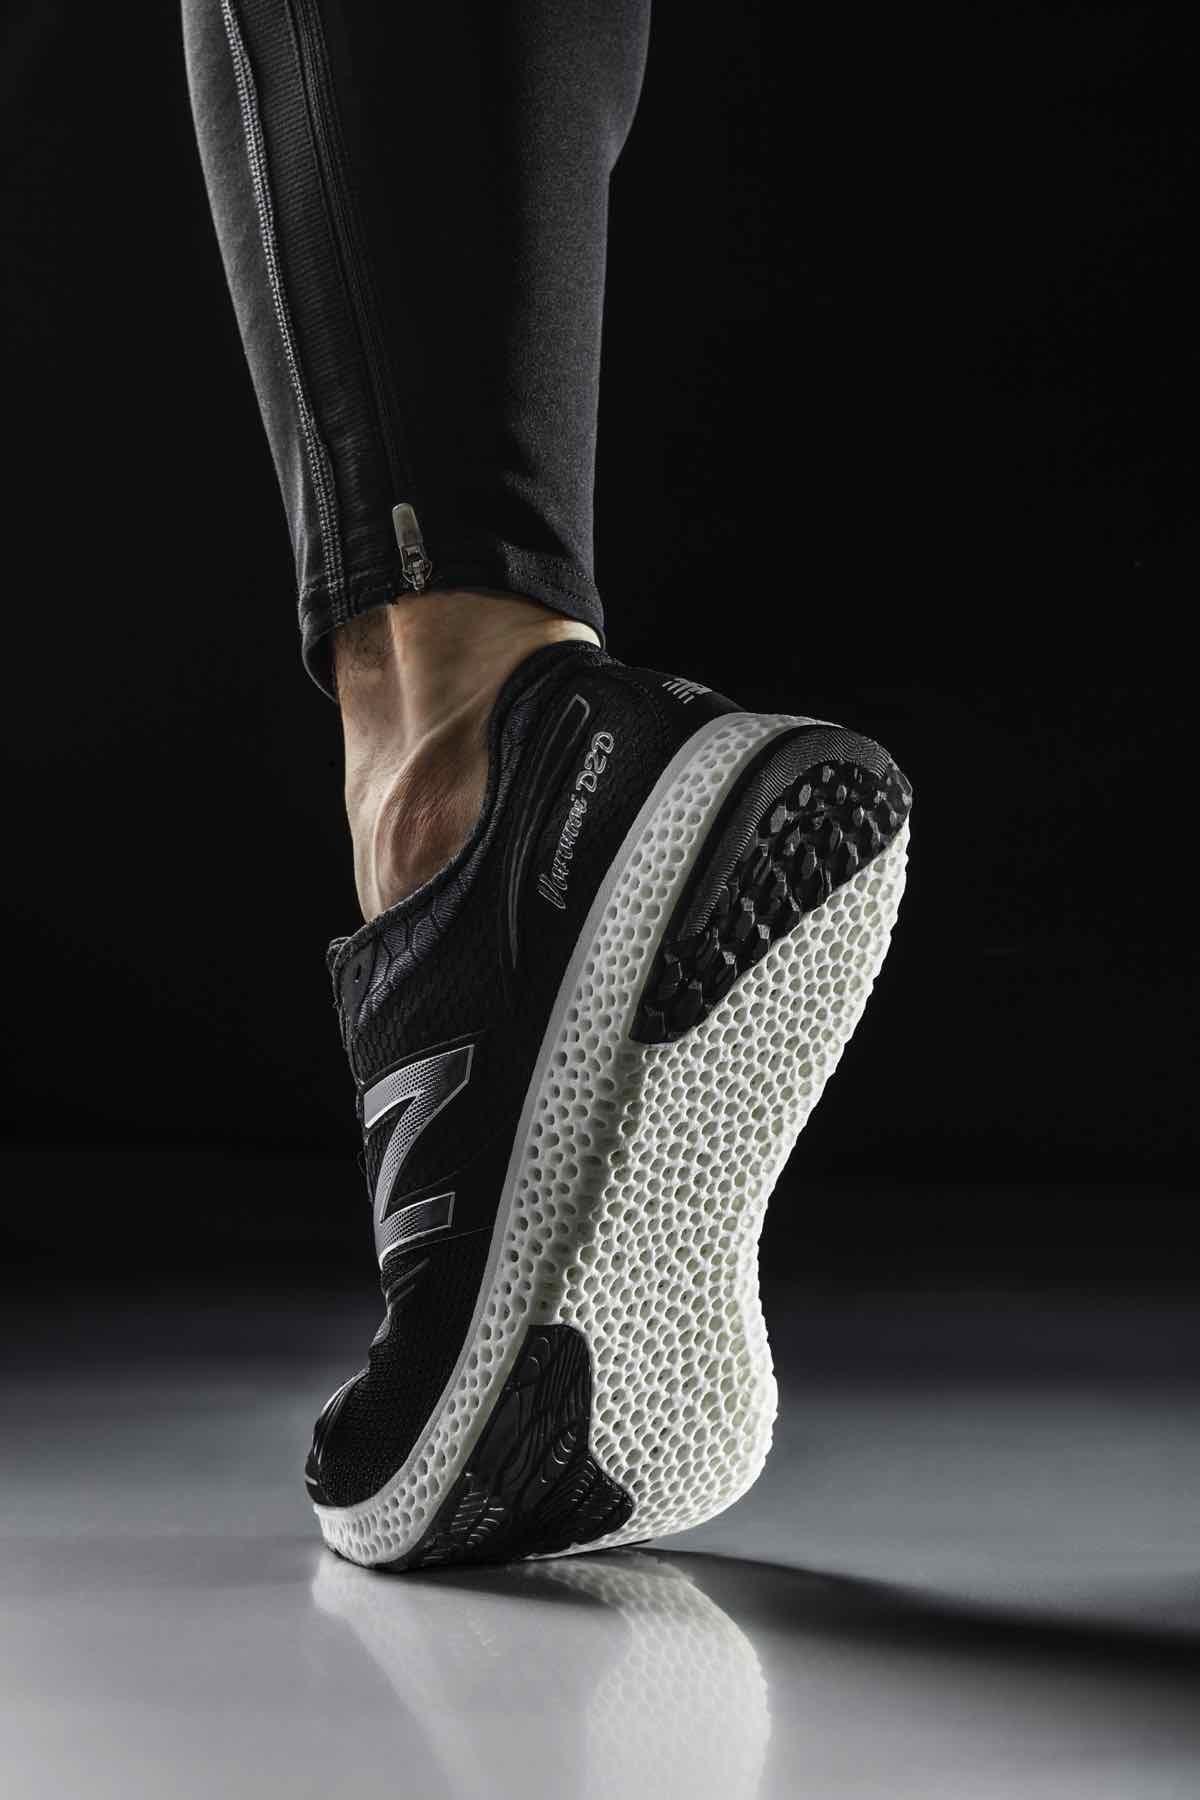 Daginnastica Stampate Sneakers 3d Scarpe Balance 07 Sportive In New SpGUzMqV